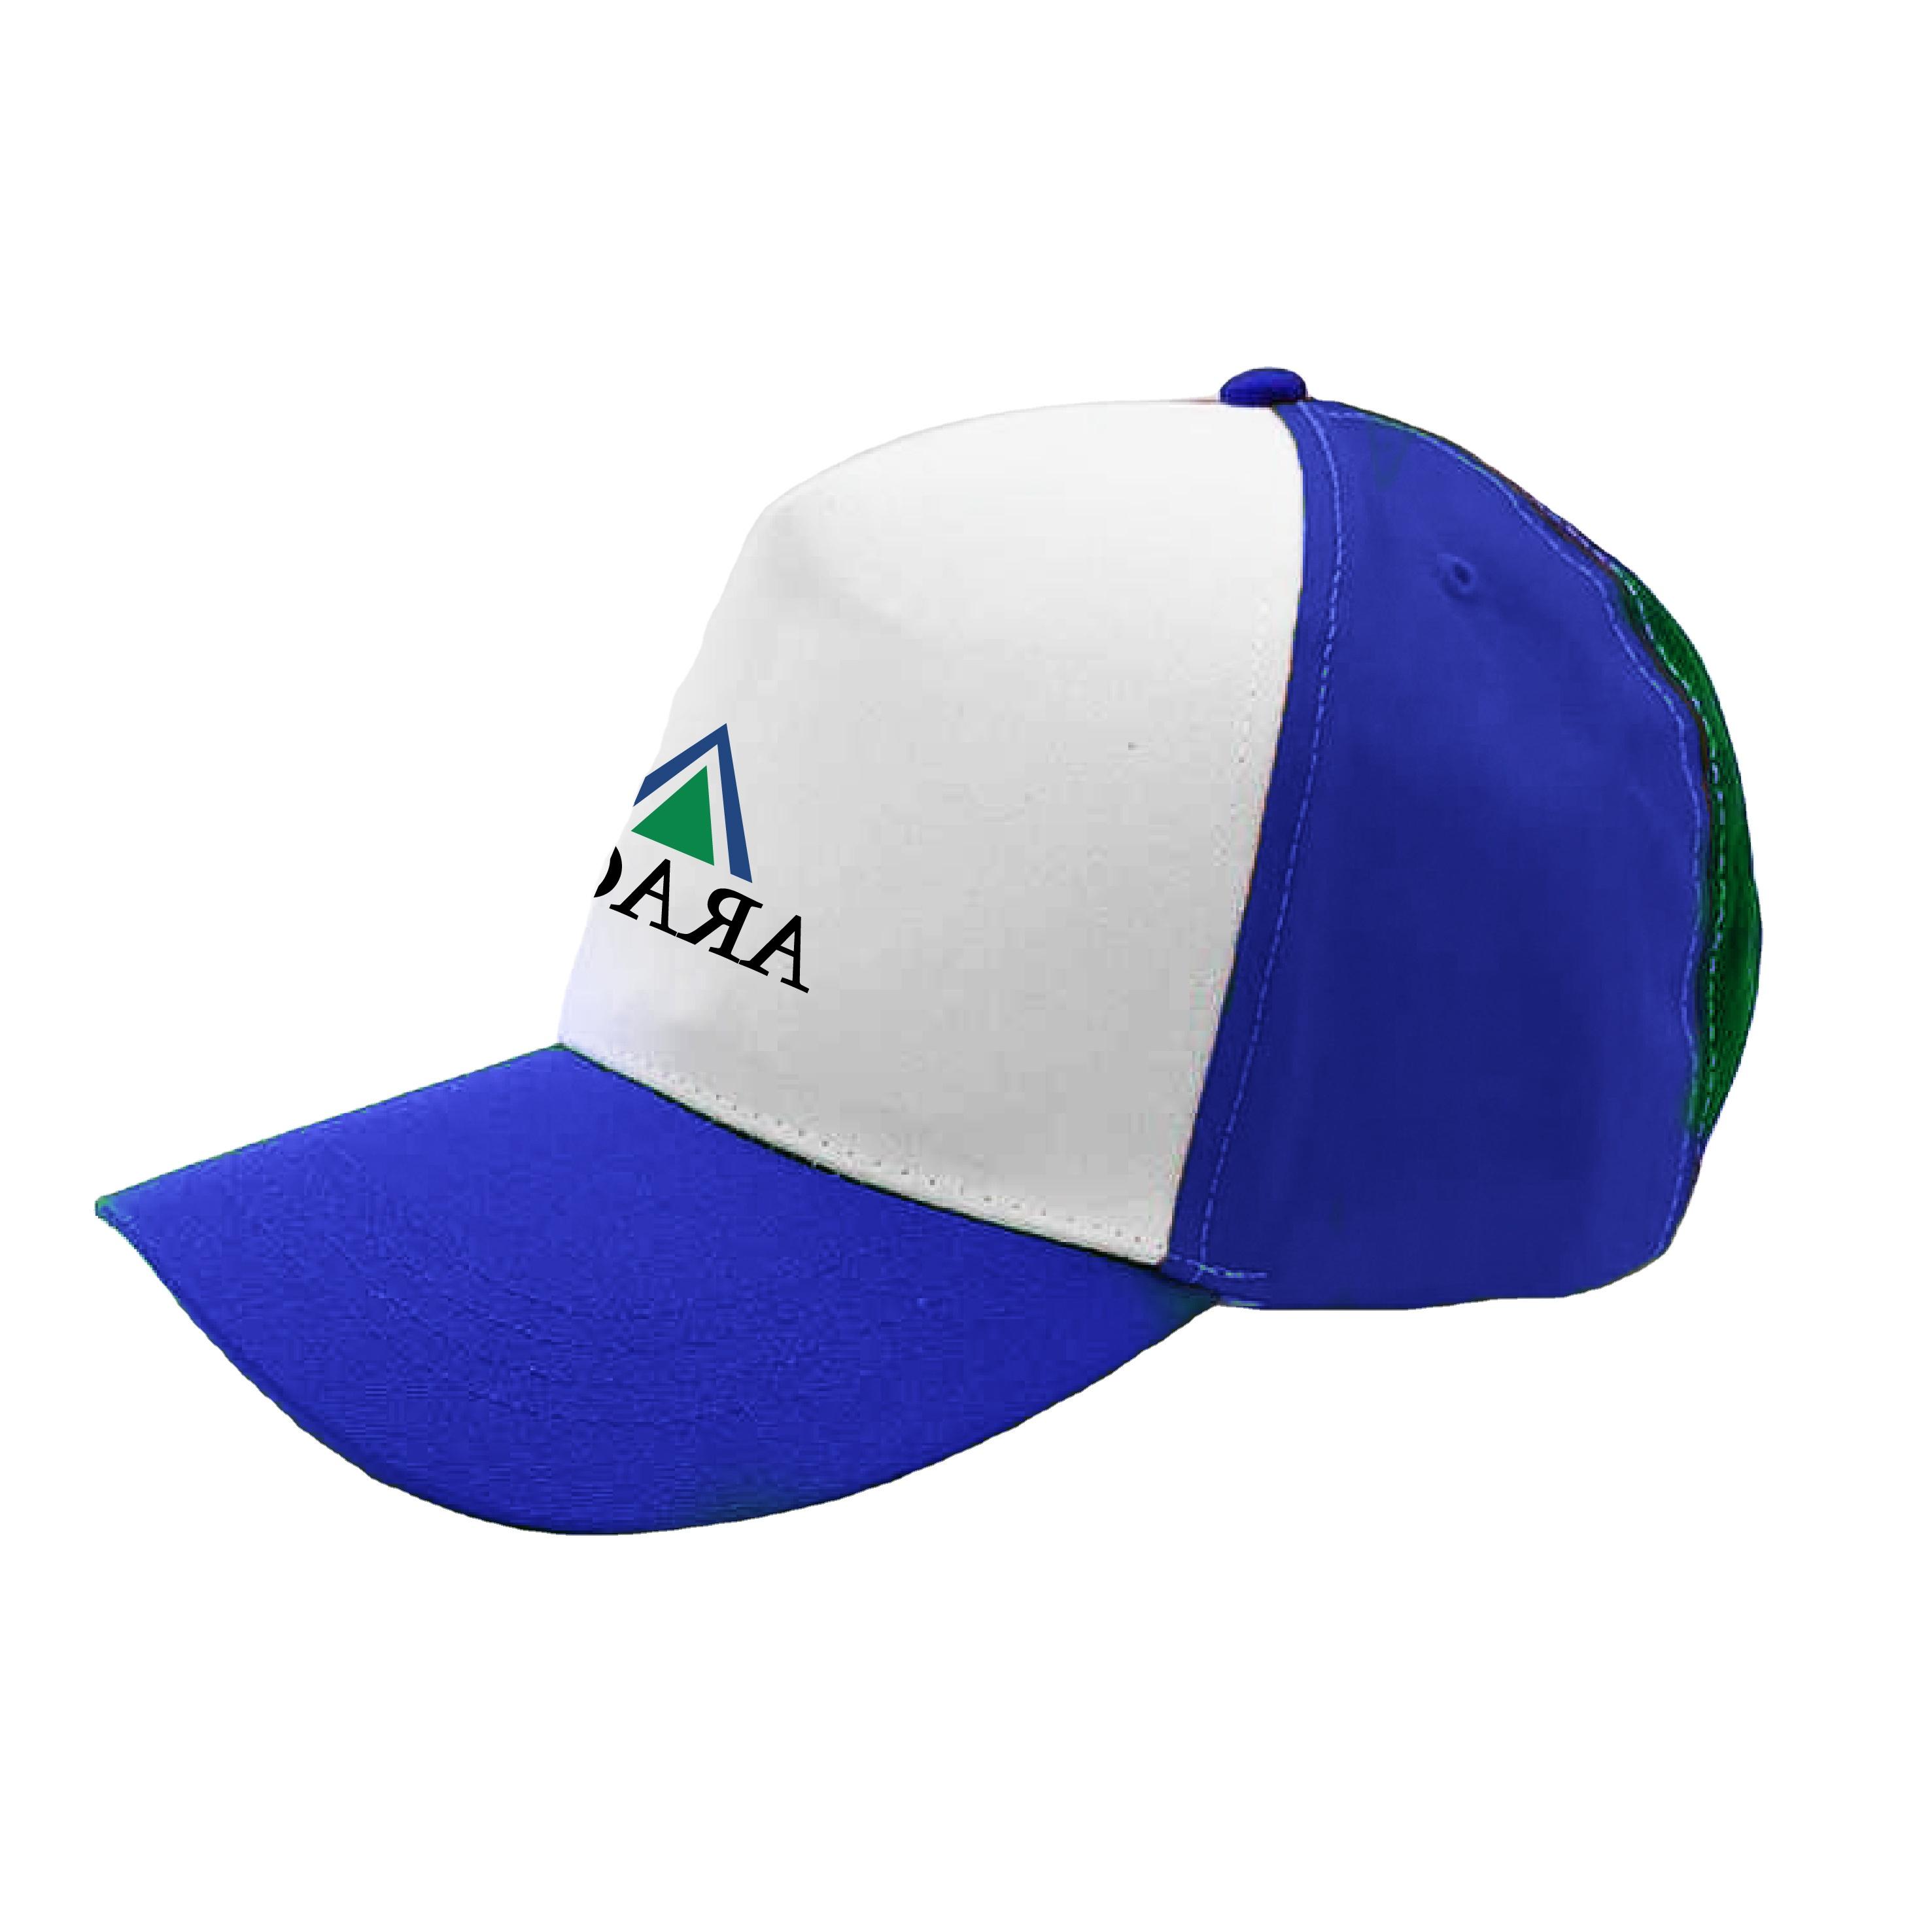 패션 디자인 NY 다채로운 청소년 야구 모자 특수 모자 다시 조절 야구 모자